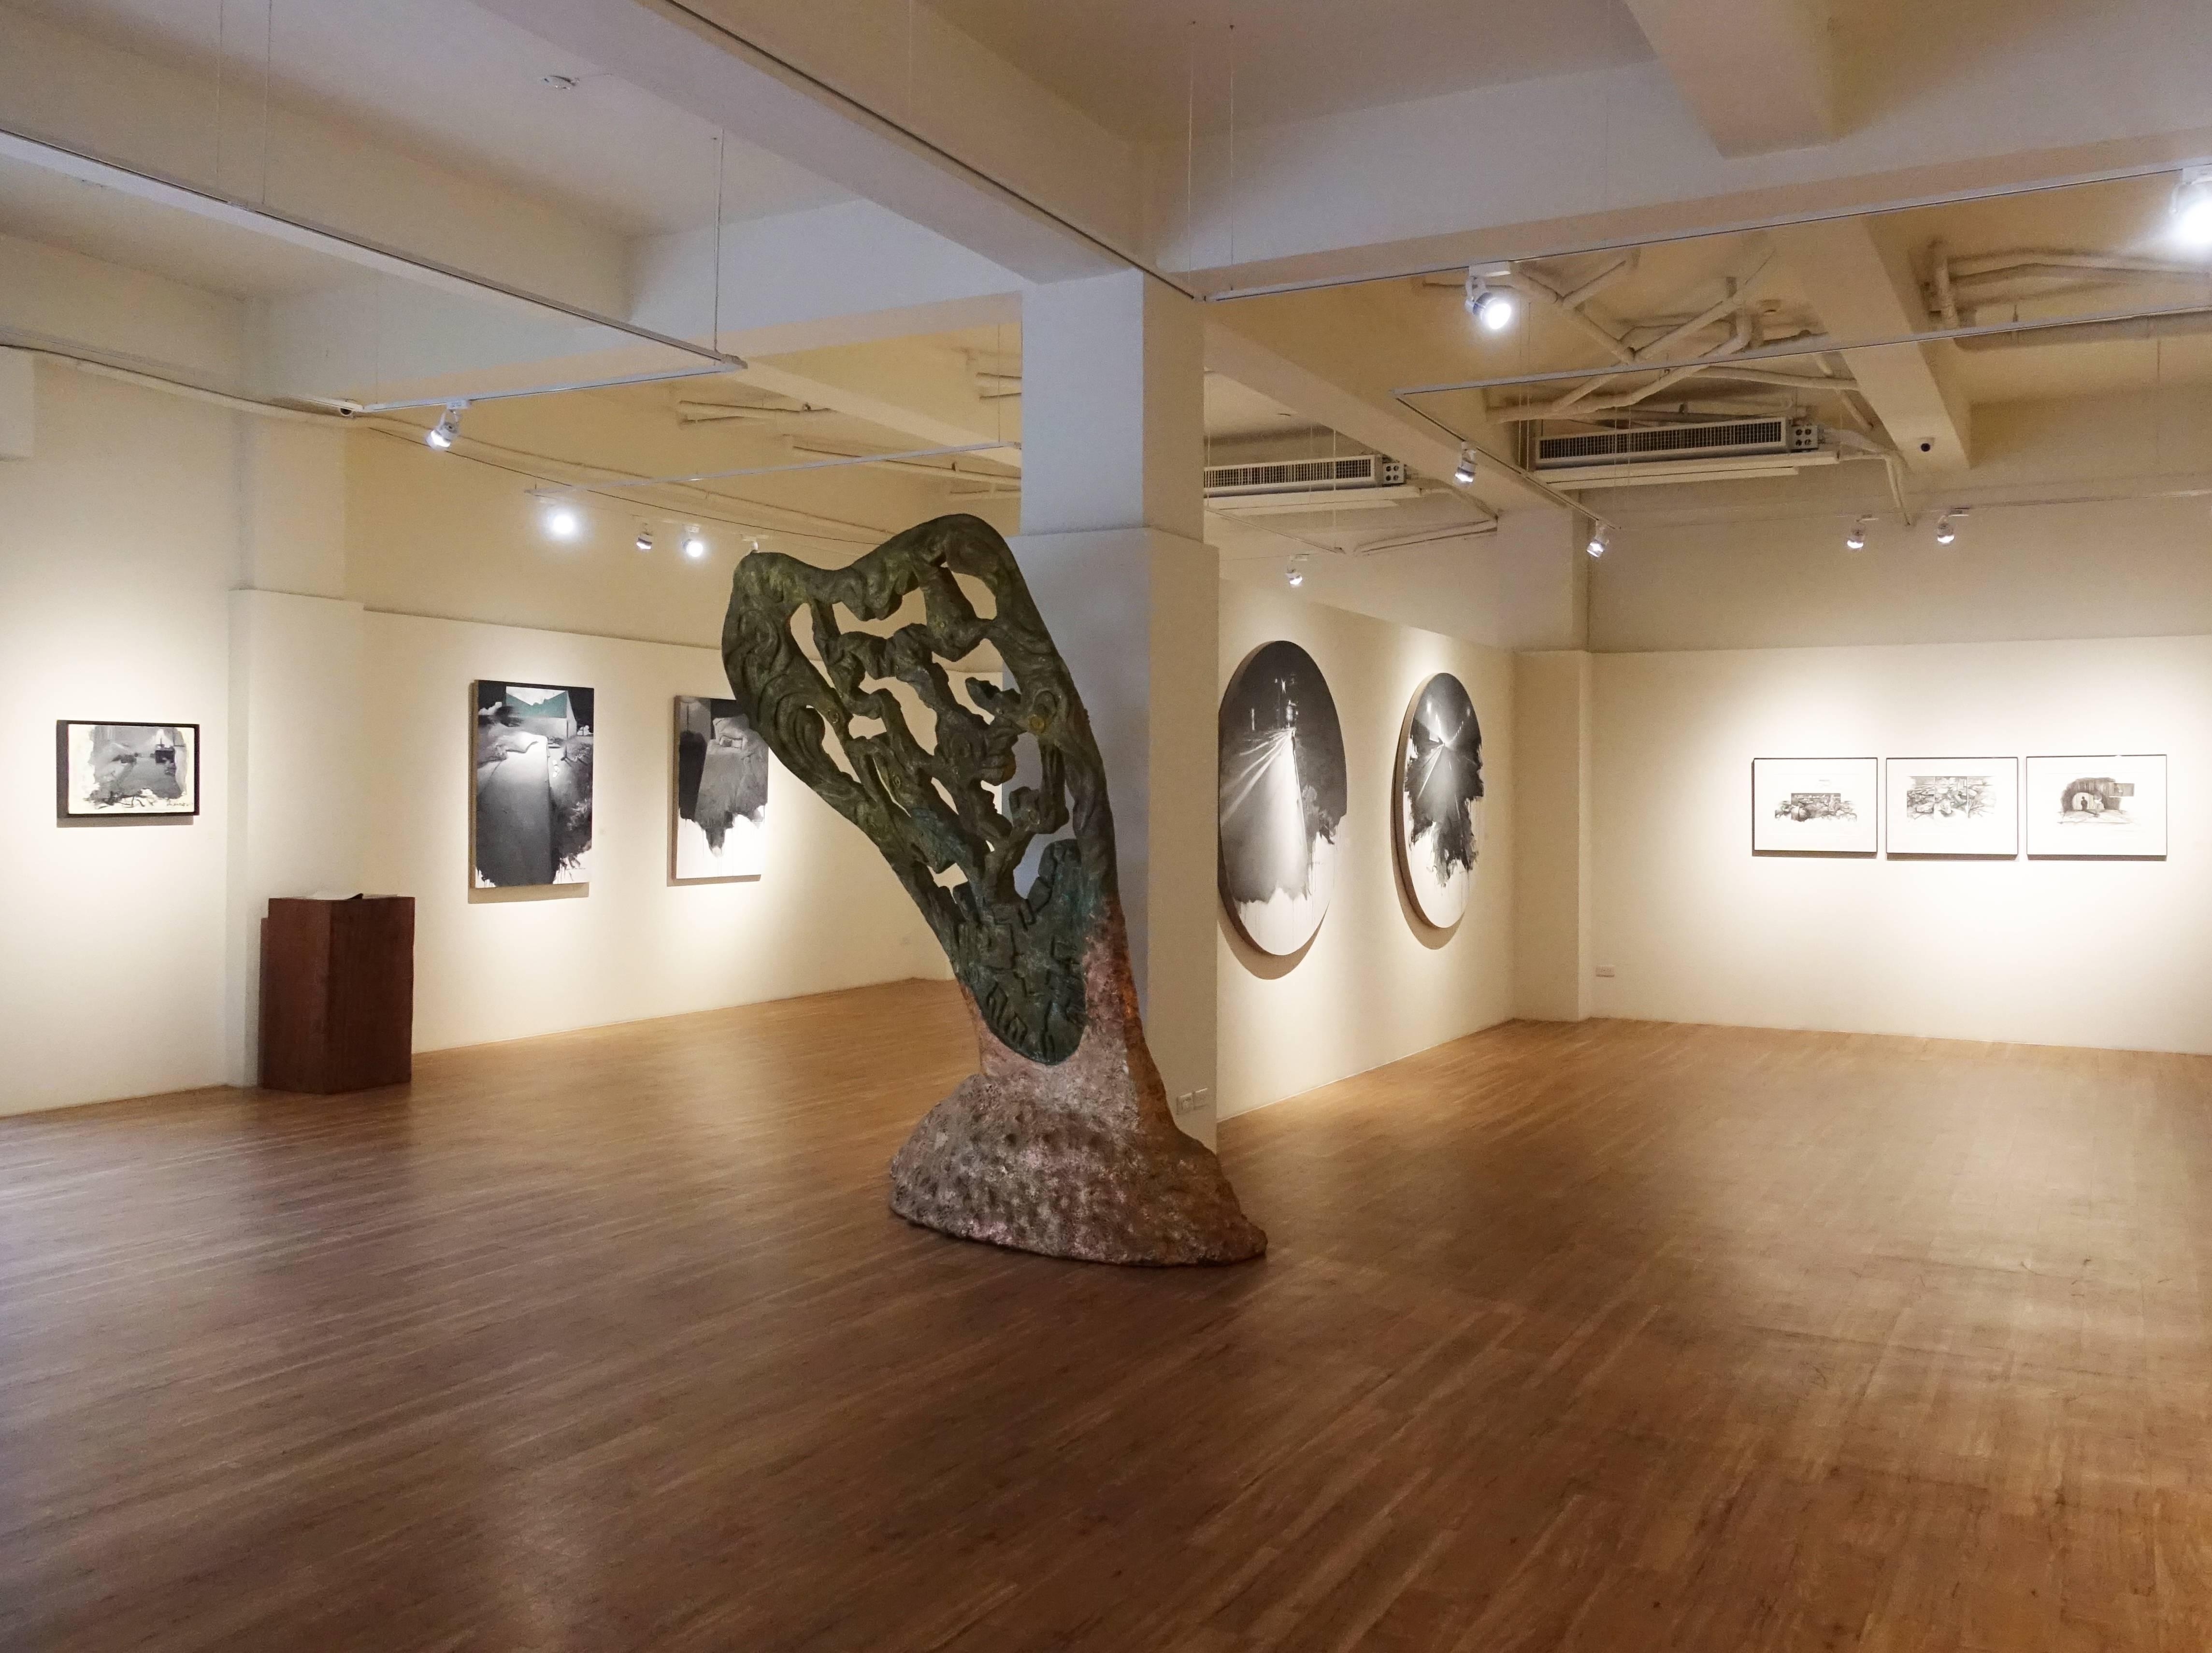 甘樂阿舍美術館劉芯濤個展《盜夢者》展覽空間。